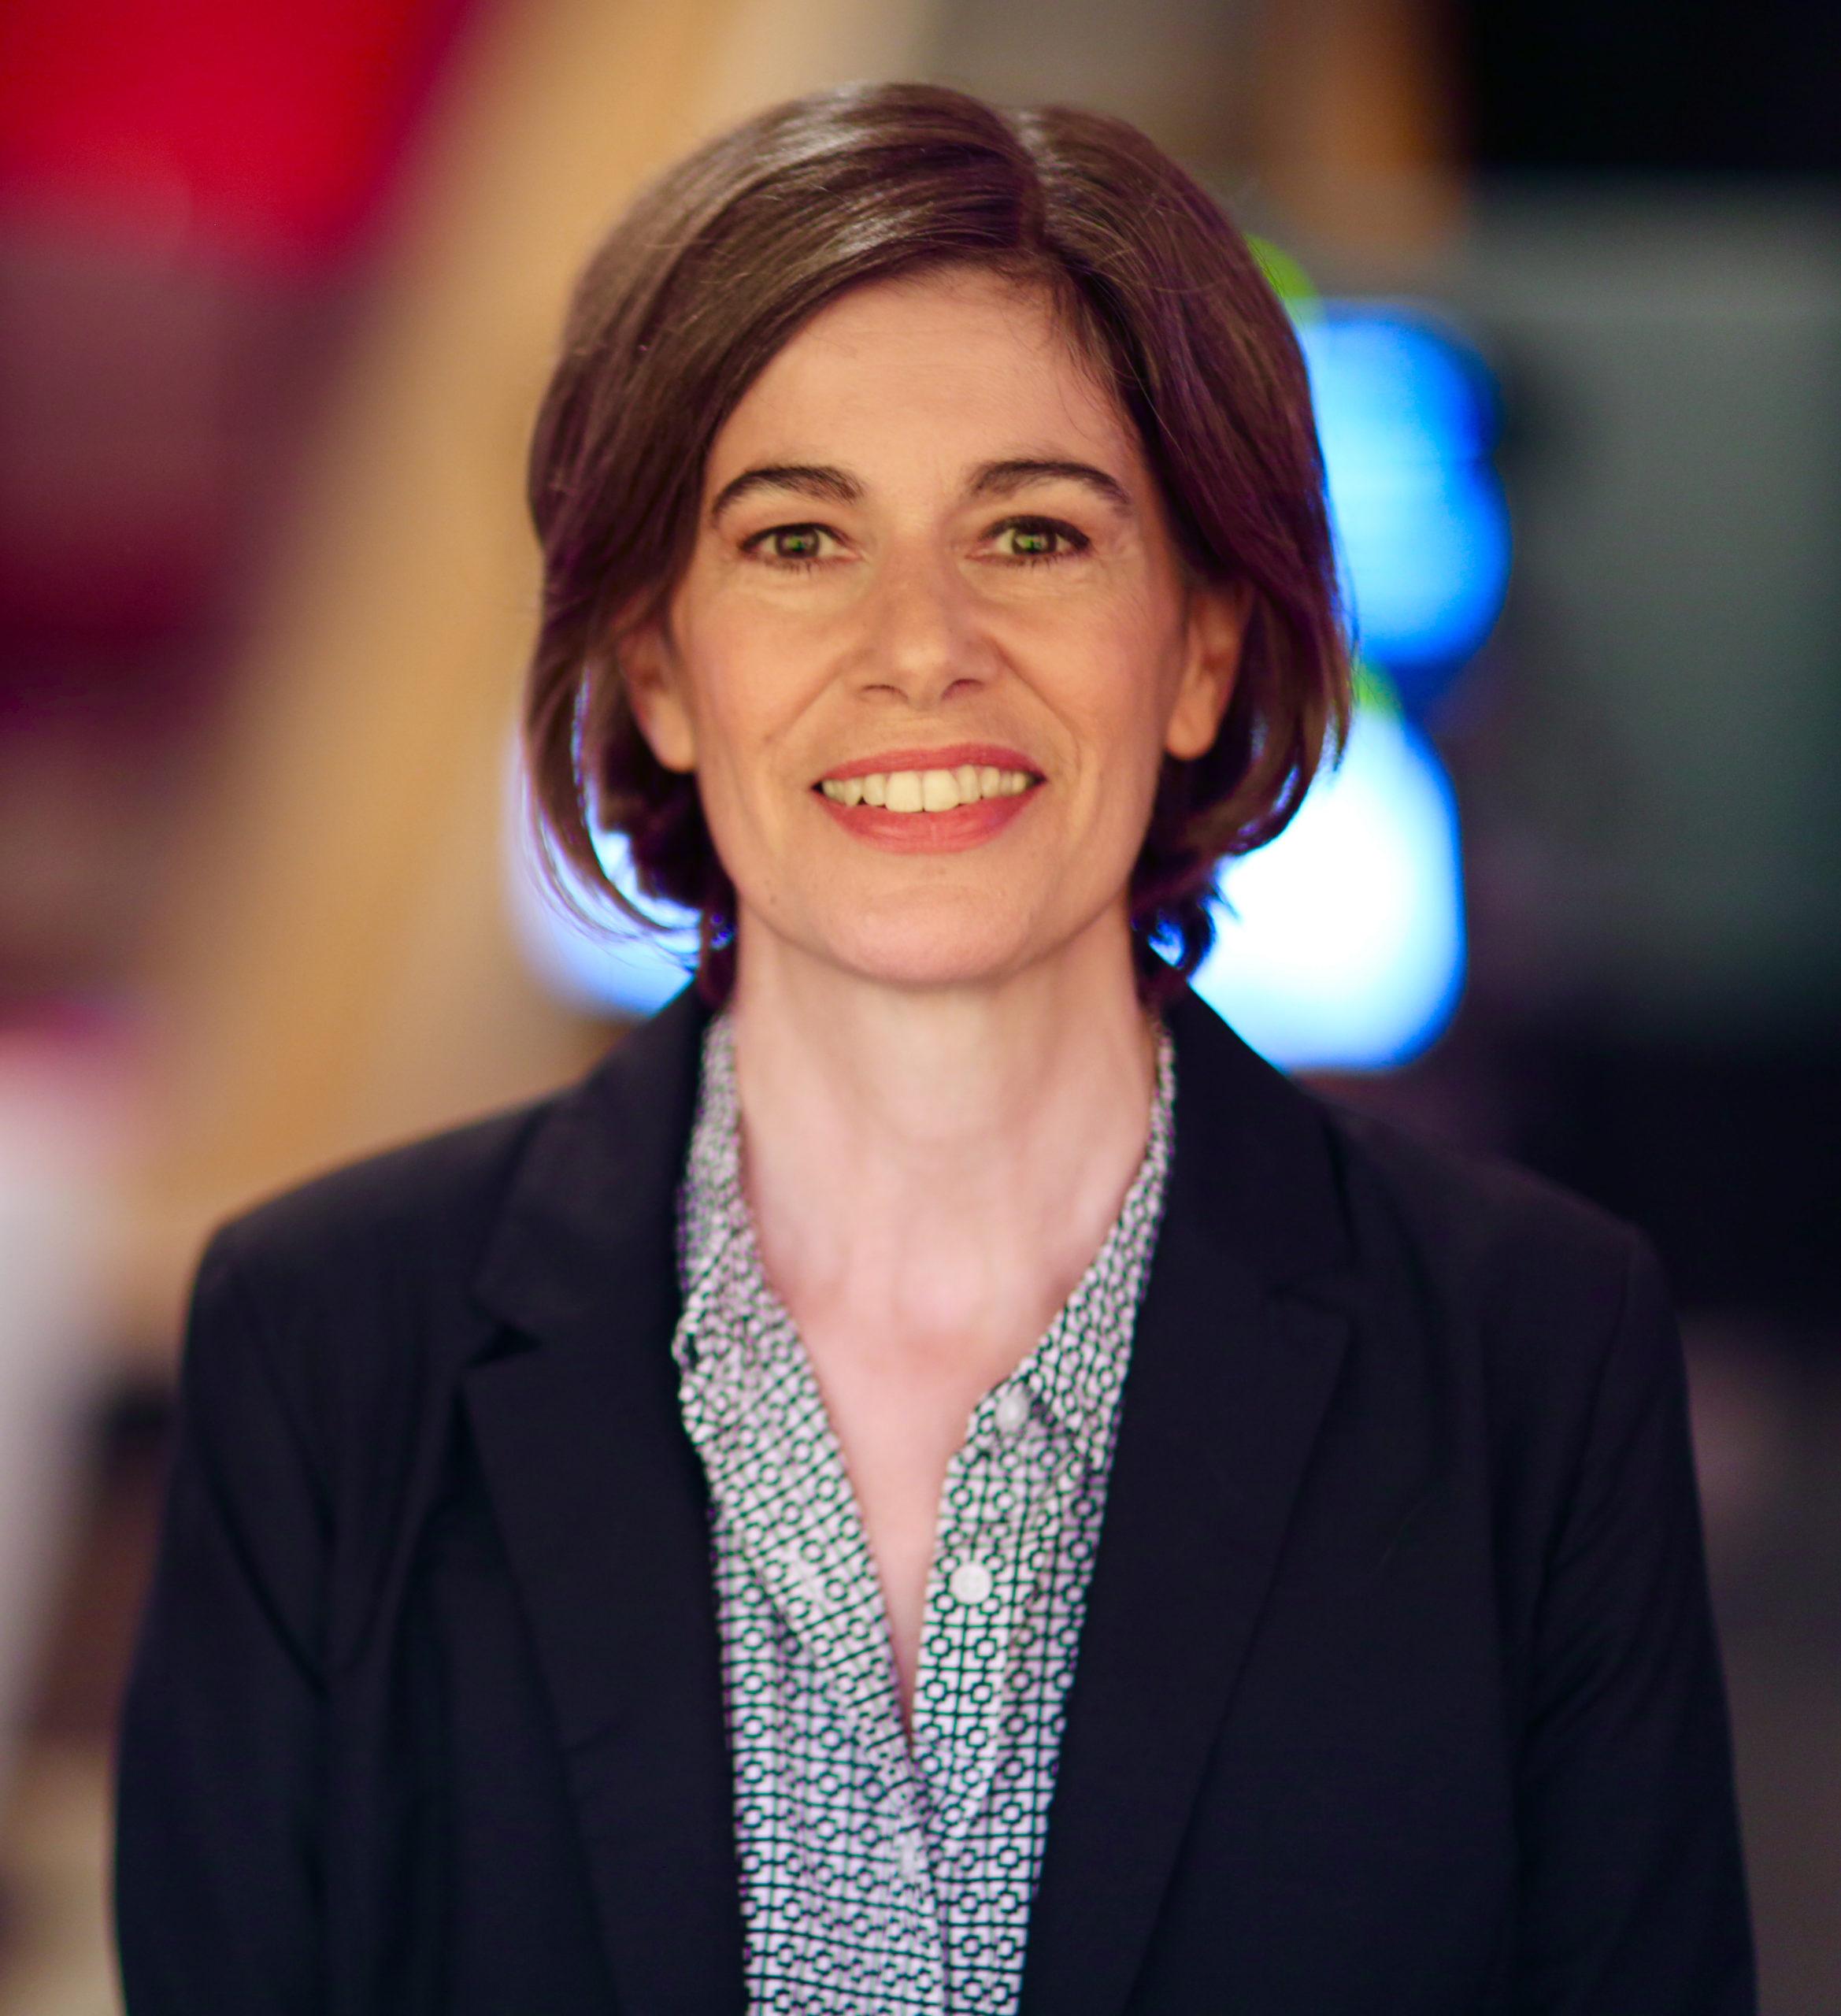 Tara Cleary